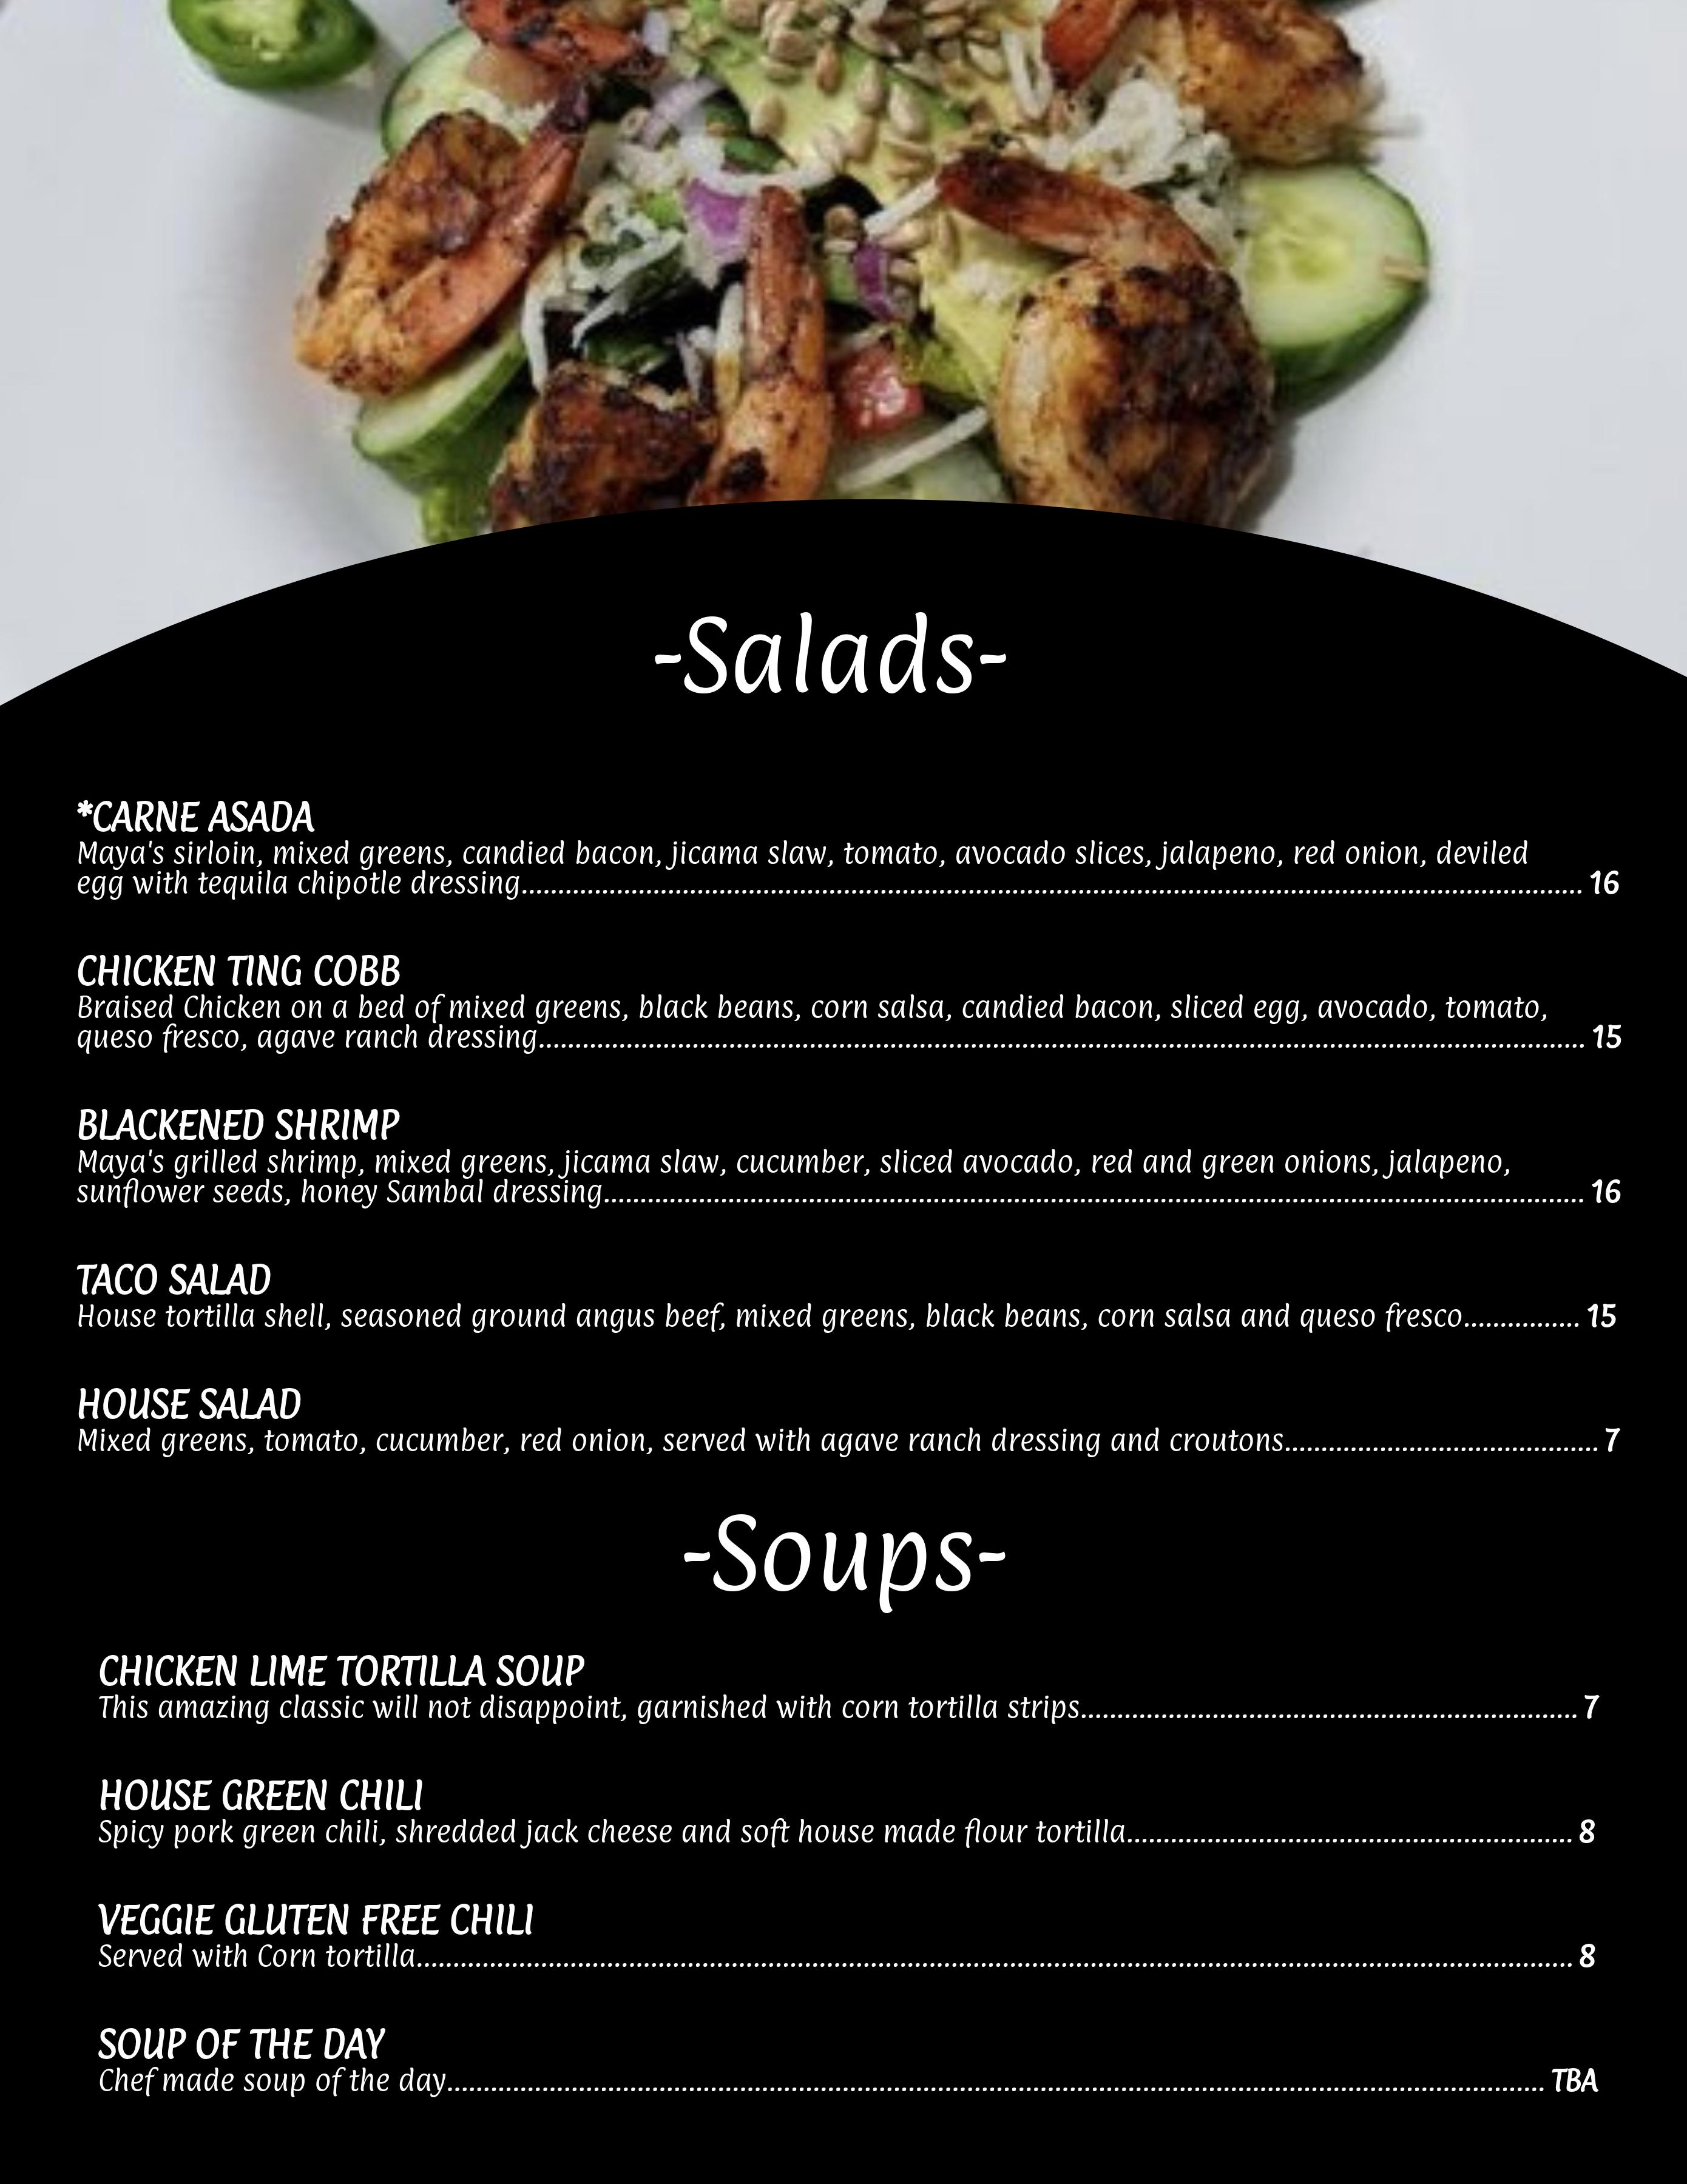 Salad Soup menu